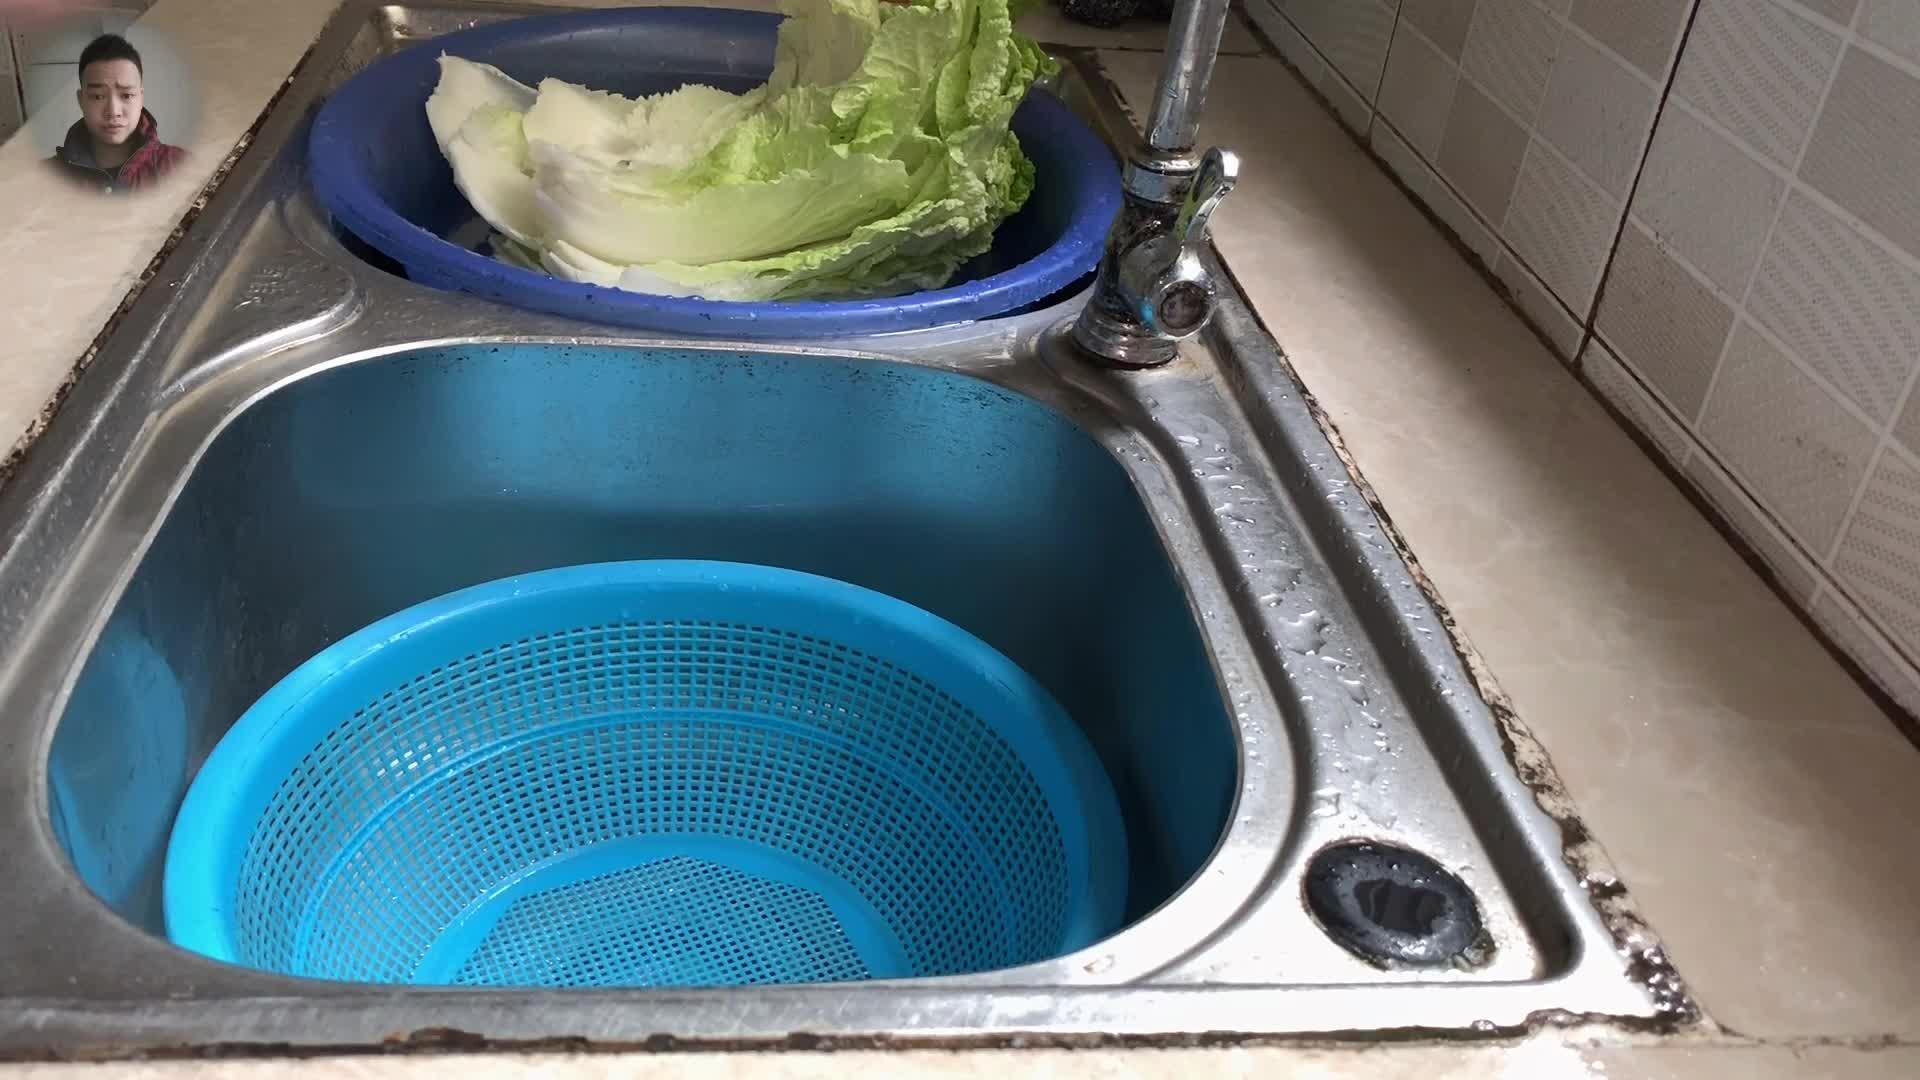 大白菜最好吃的做法,不炖汤不凉拌,好吃解馋,一次2斤不够吃